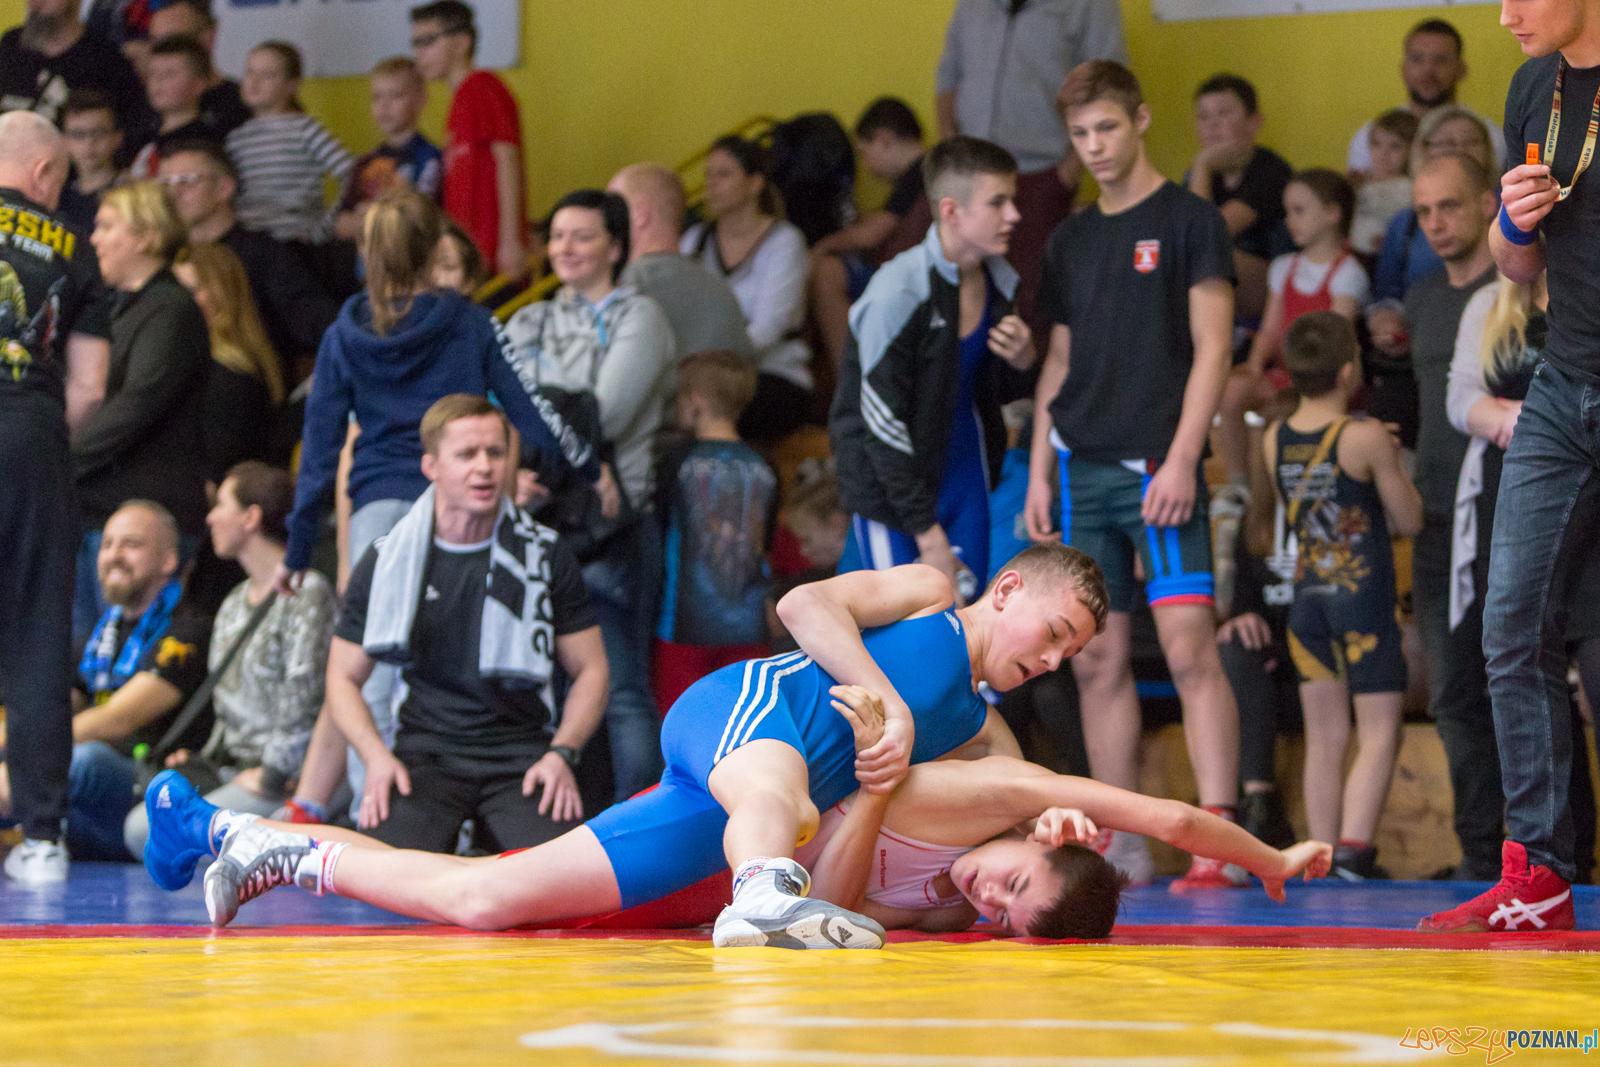 Mistrzostwa Miasta Poznania - VII Memoriał Bogdana Brody  Foto: lepszyPOZNAN.pl/Piotr Rychter